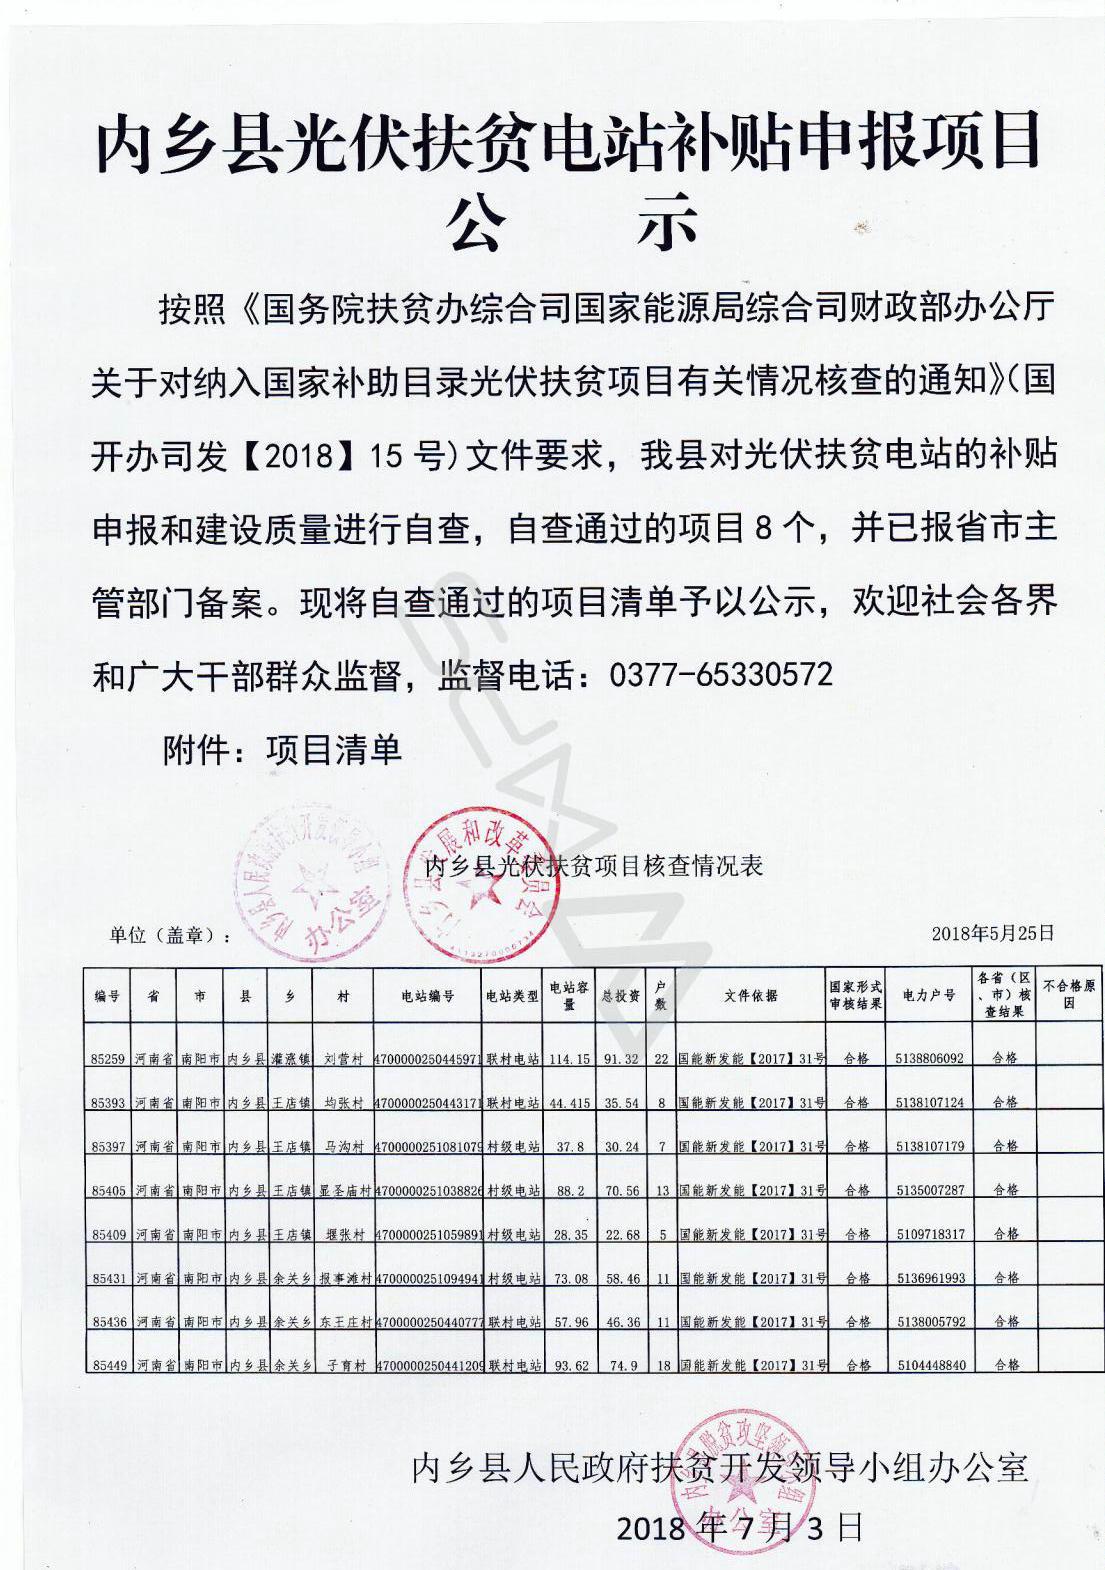 内乡县光伏扶贫电站补贴申报项目公示_01